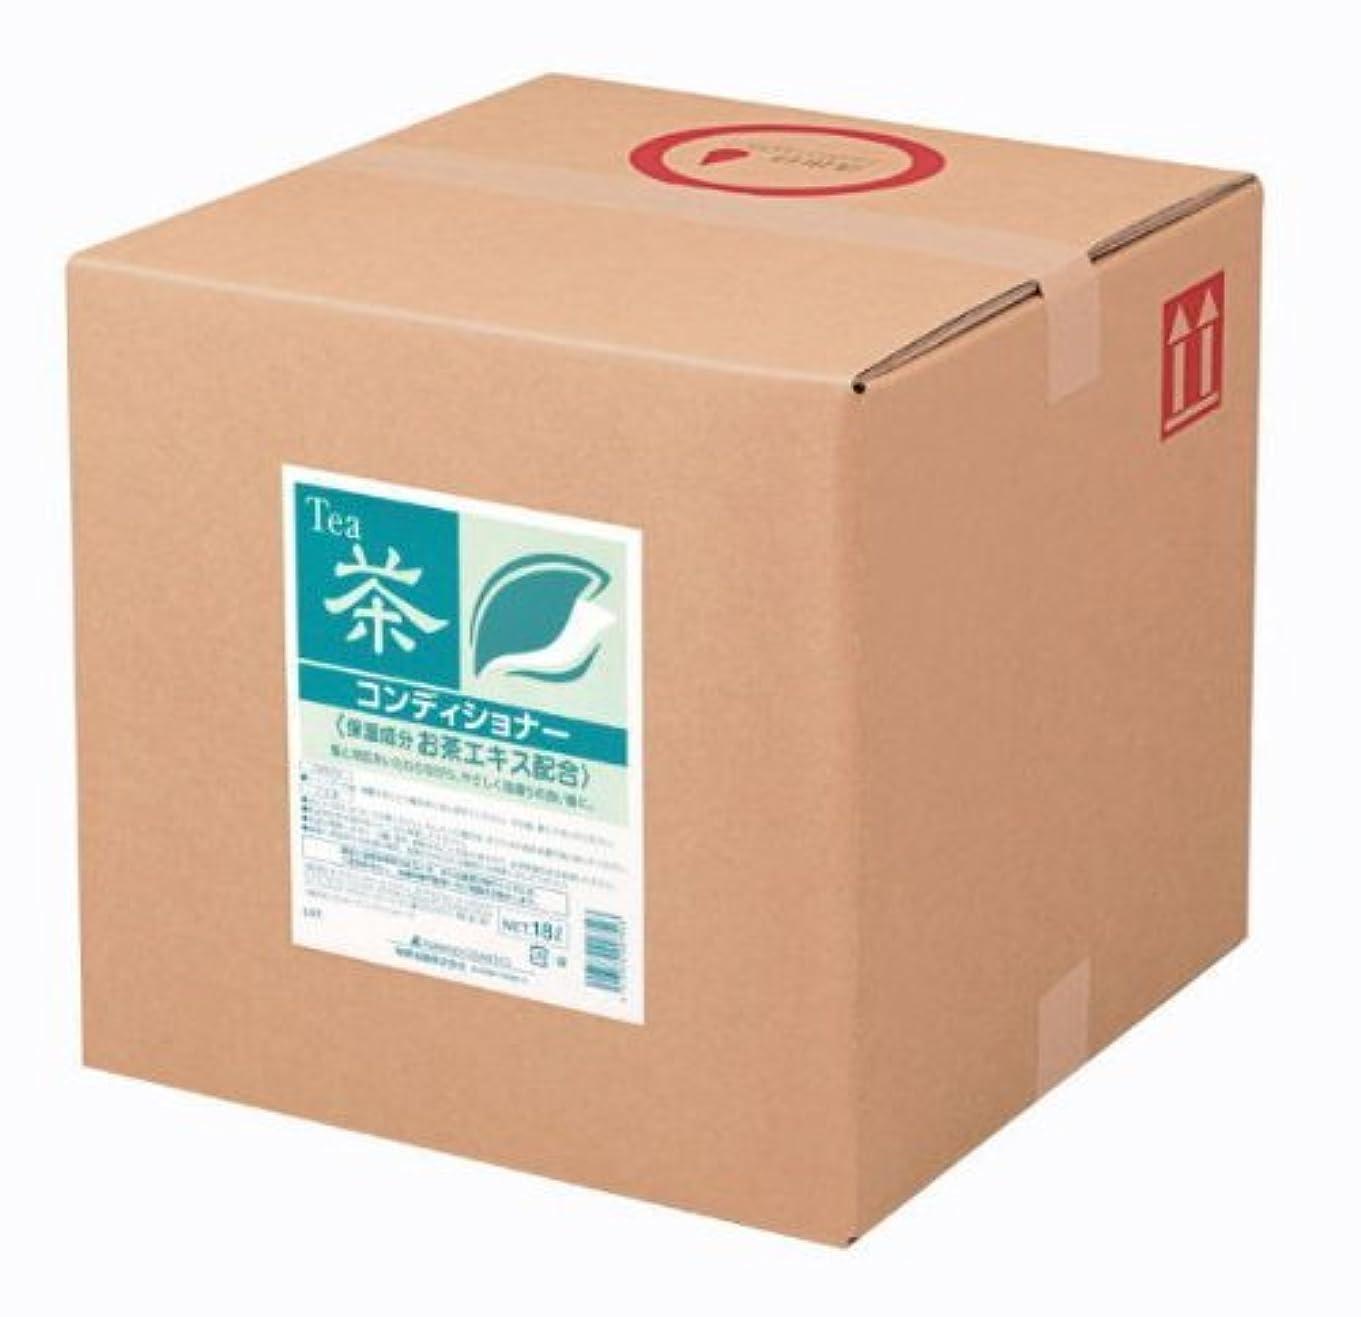 粒子しないでください救援熊野油脂 業務用 お茶 コンディショナー 18L